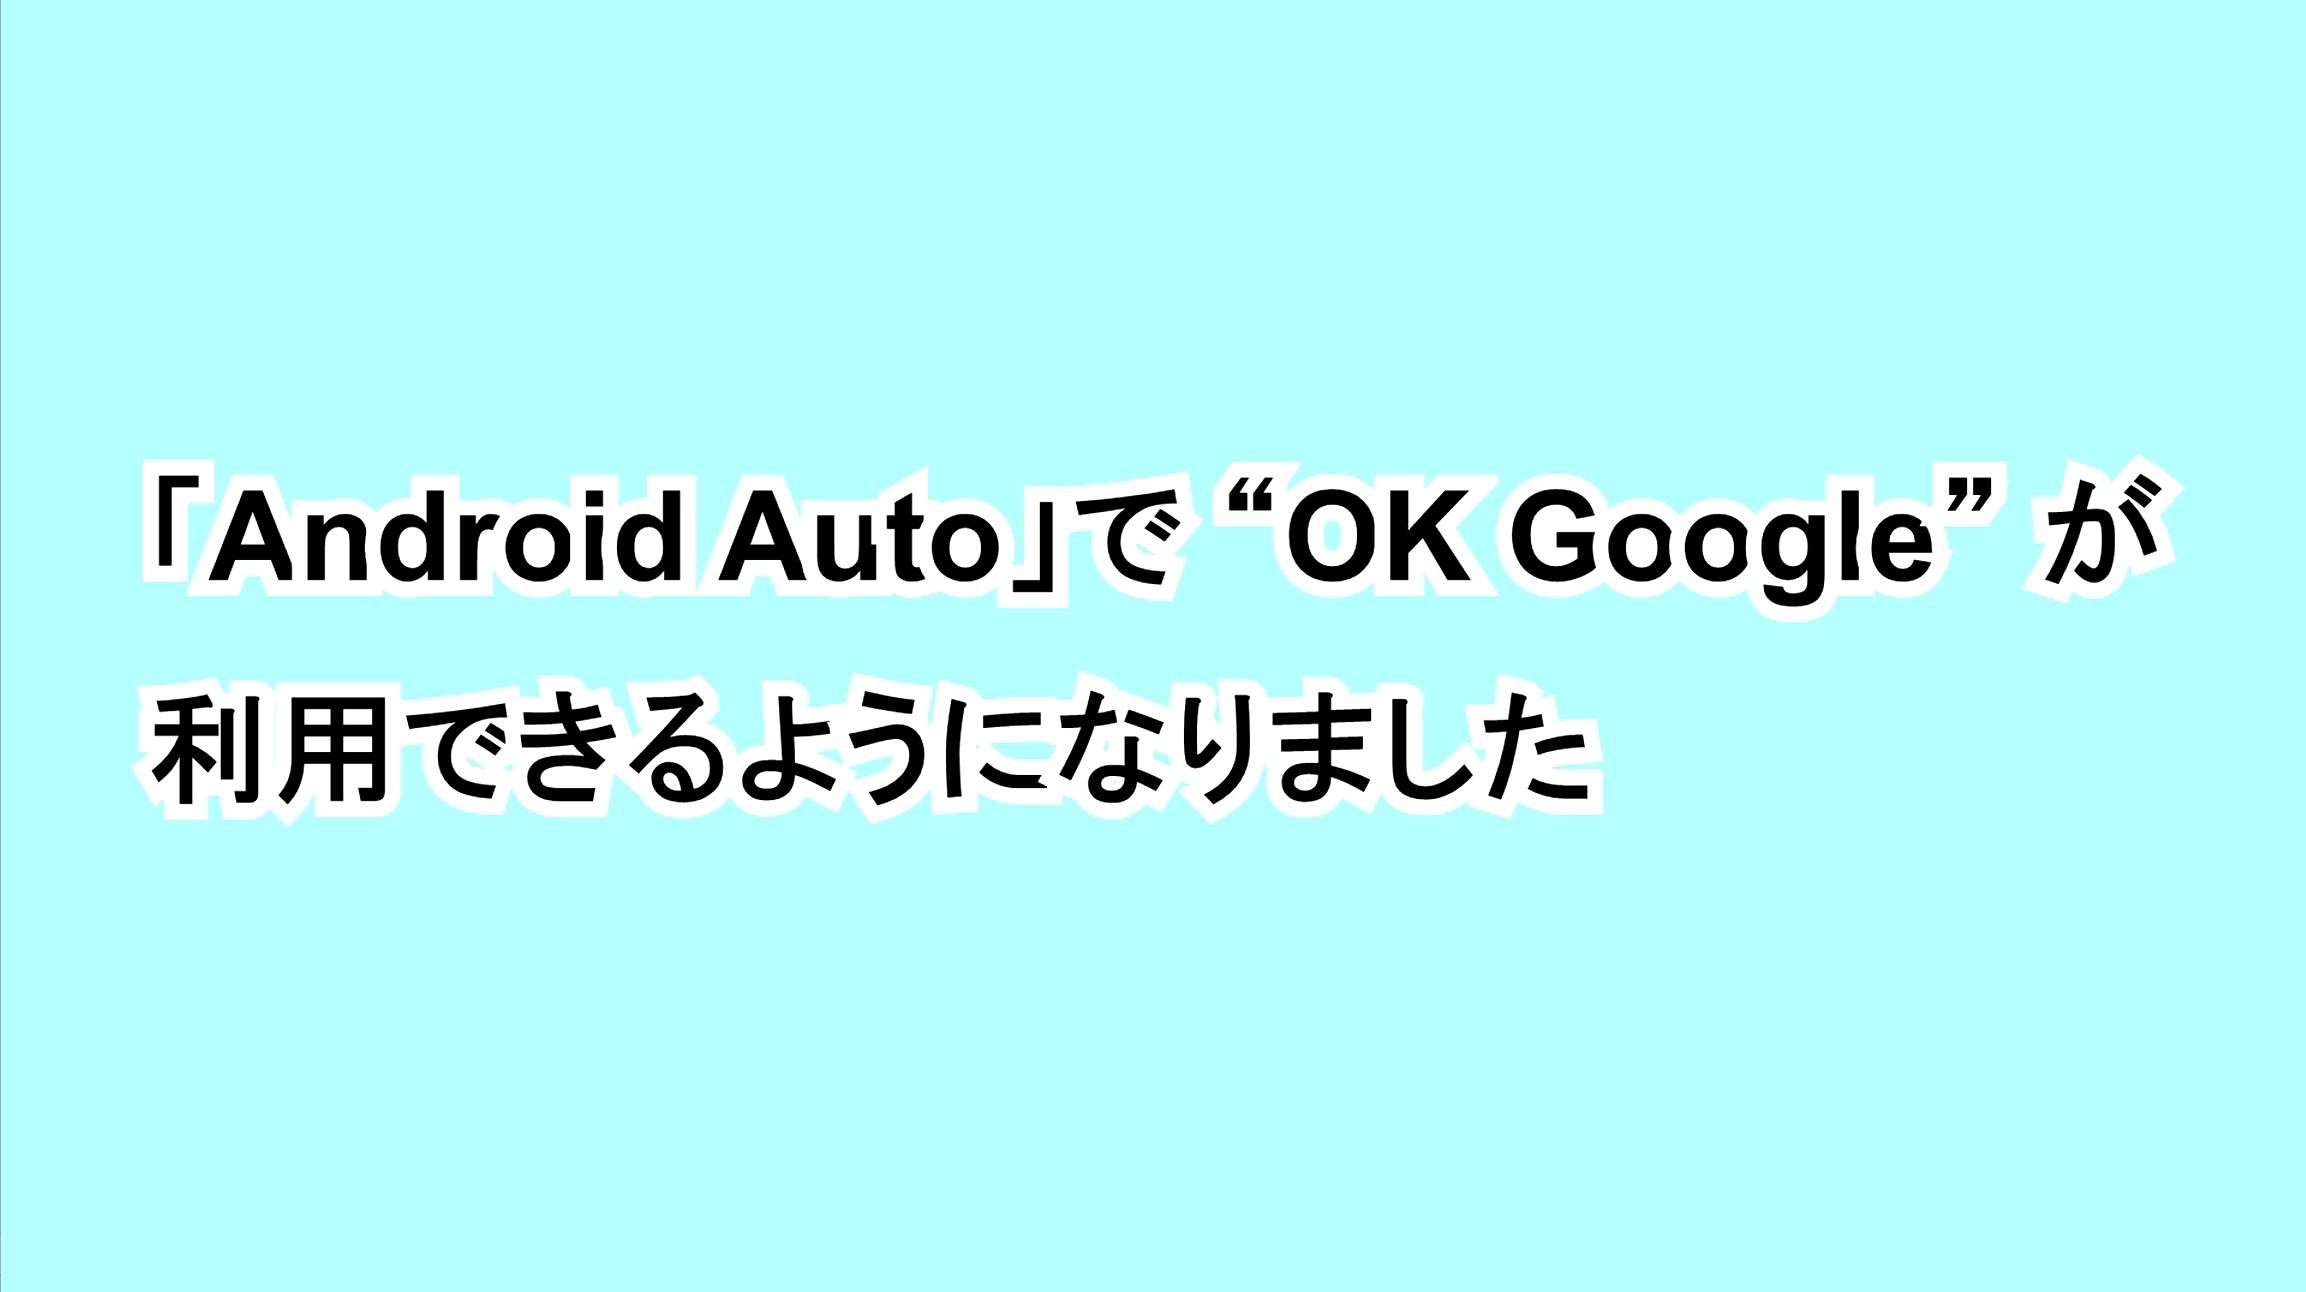 """「Android Auto」で""""OK Google""""が利用できるようになりました"""